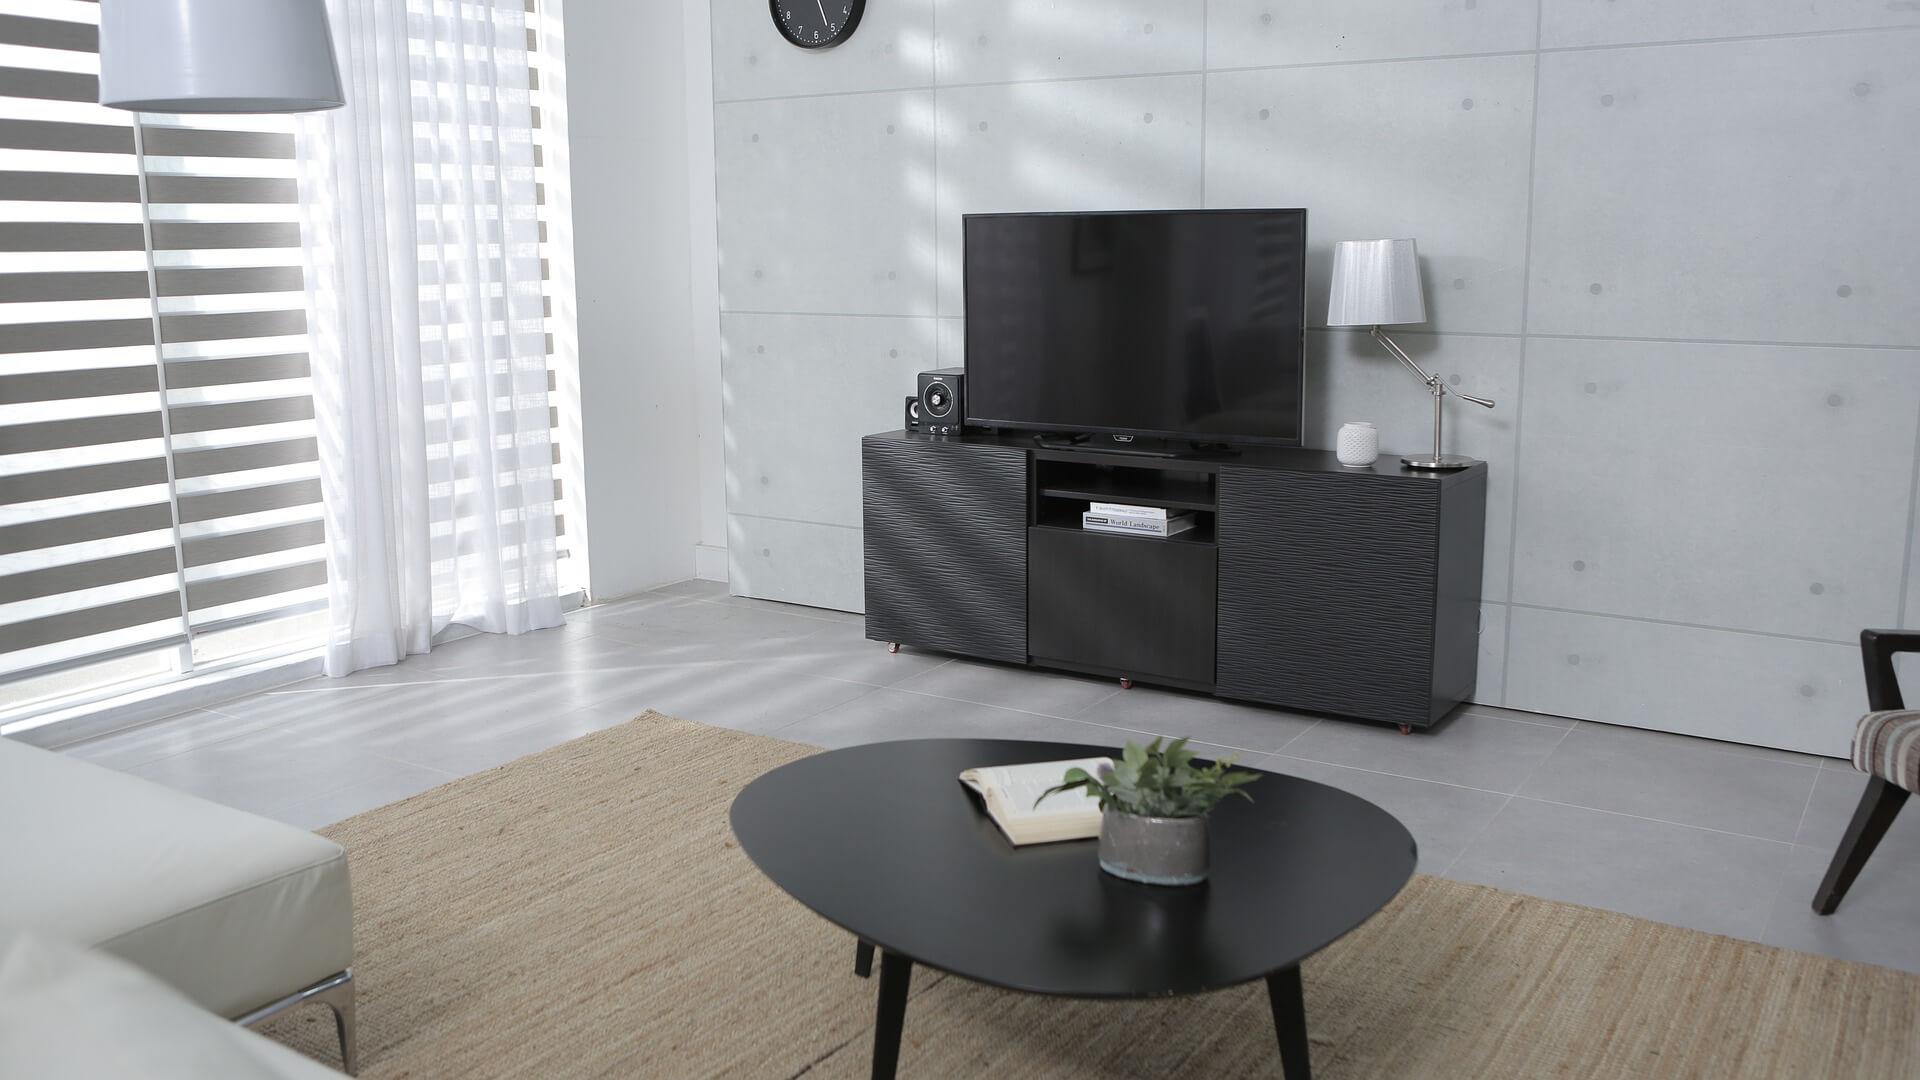 ミニマリストとテレビ。無駄な時間を断捨離して有効活用する方法